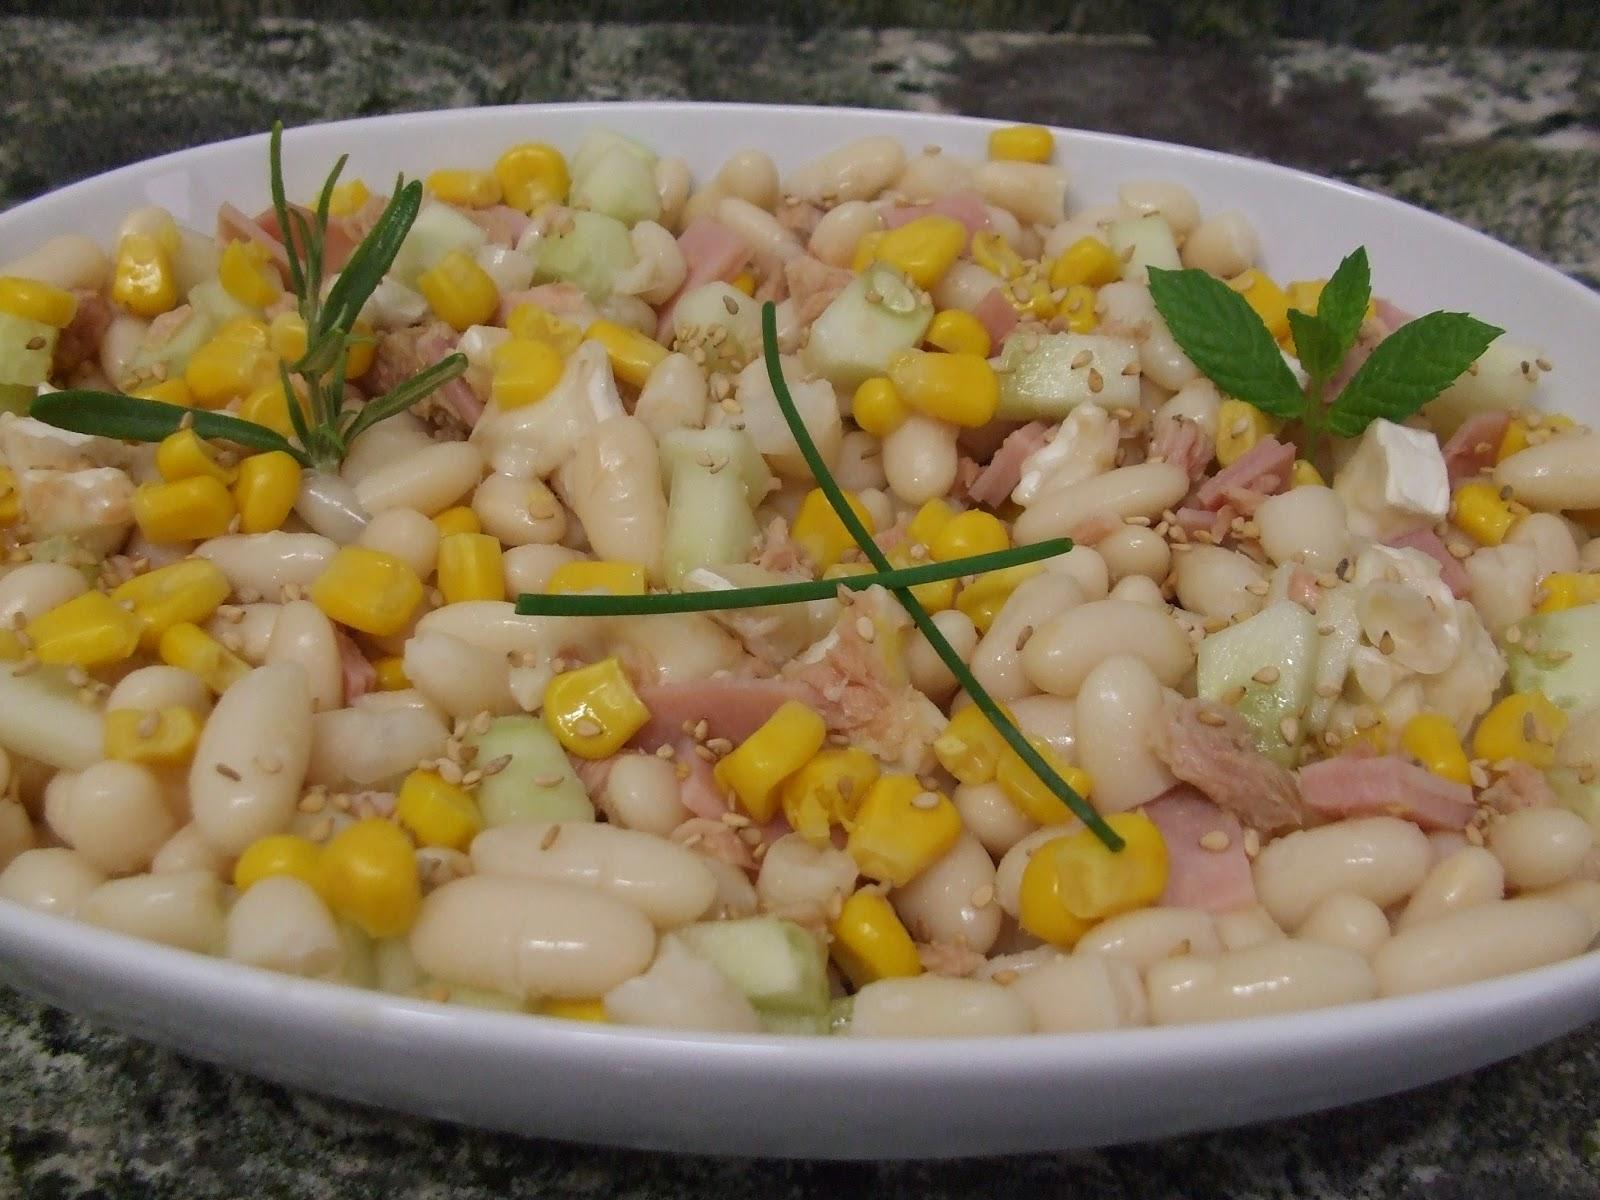 Javier abadias y sus recetas ensalada de alubias blancas for Cocinar judias blancas de bote